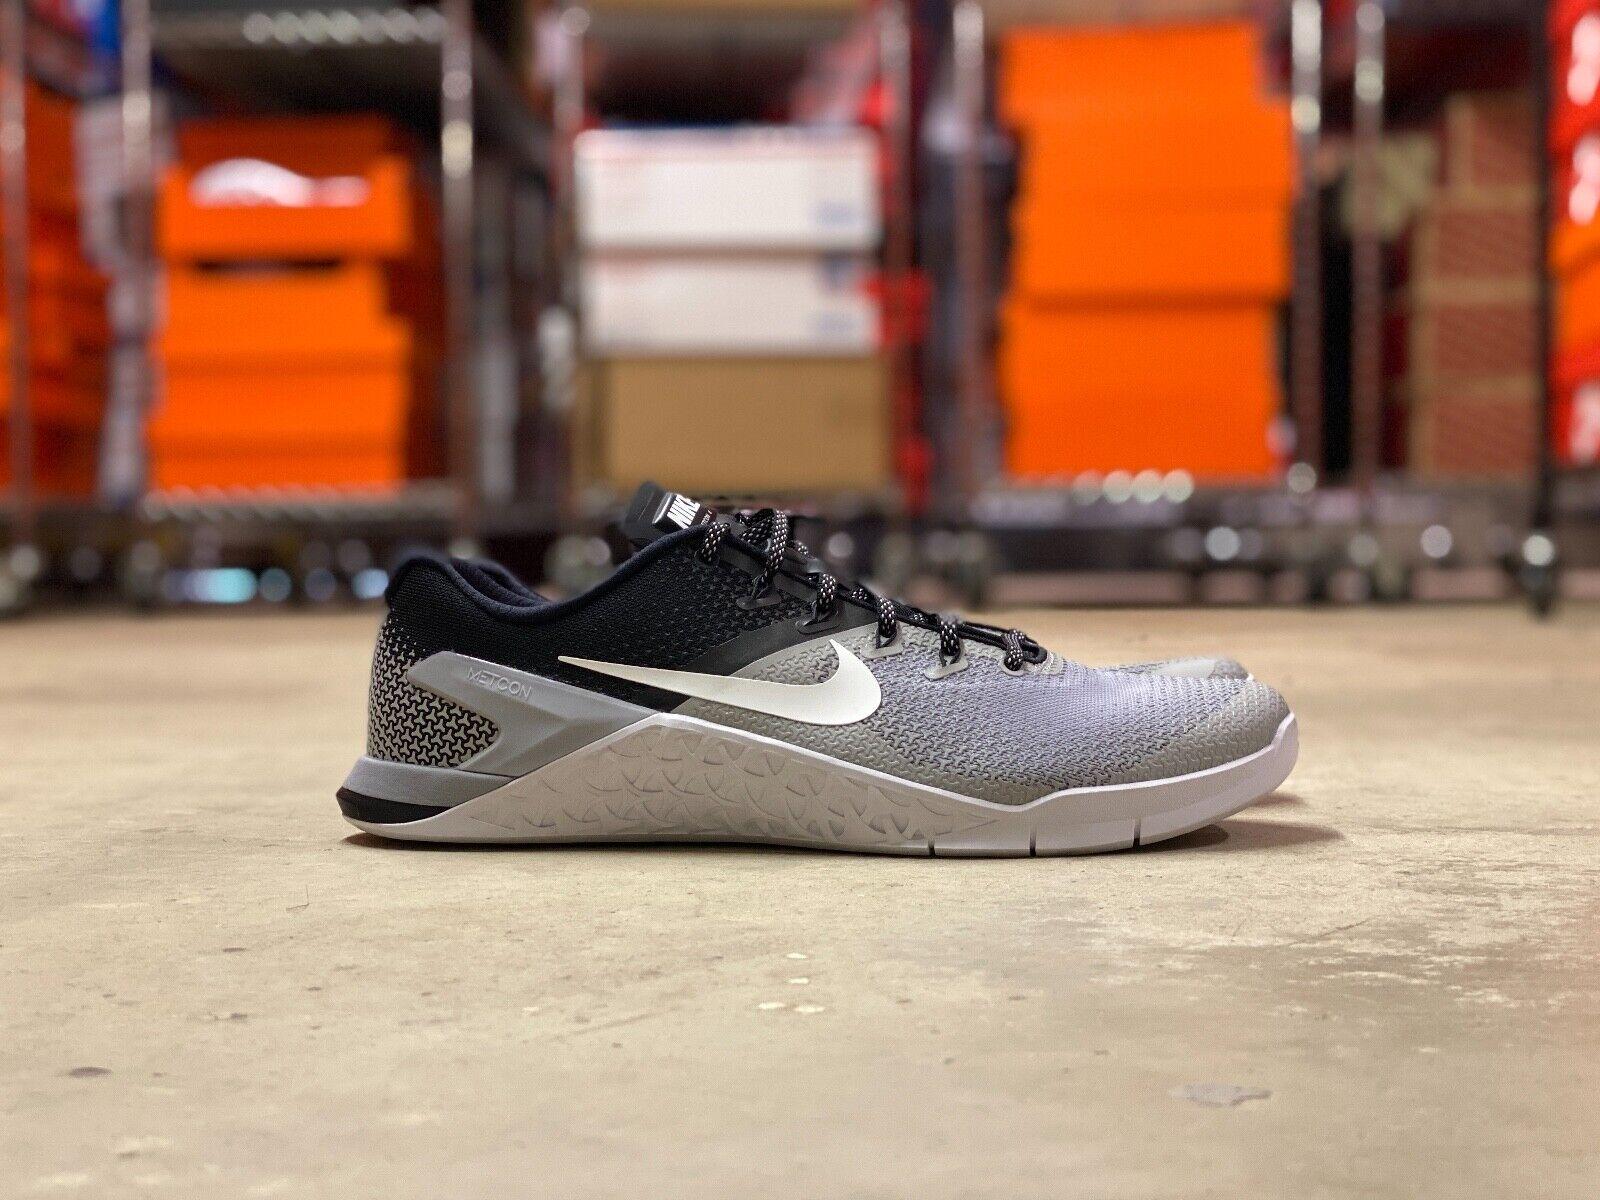 Nike Womens Metcon 4 Training Shoes